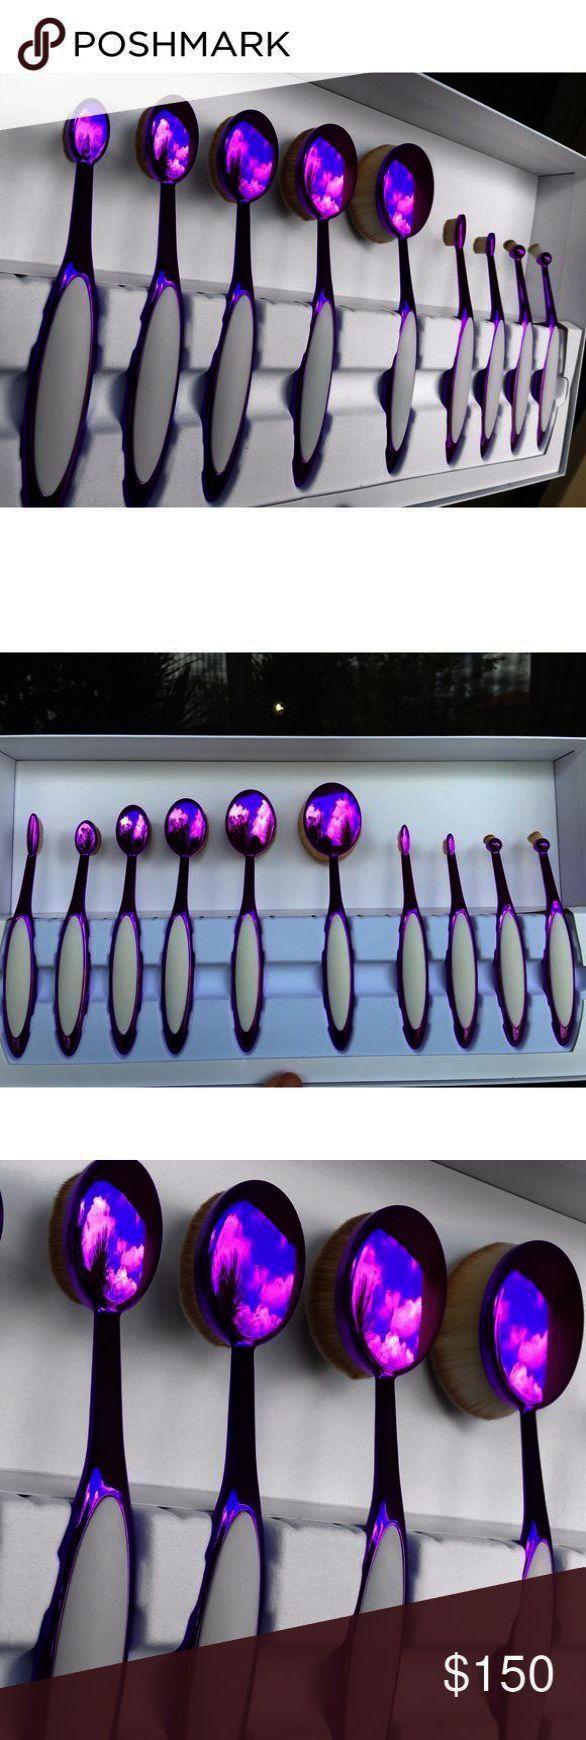 Pin by Tina Nguyen on Megvásárolandó dolgok Oval makeup